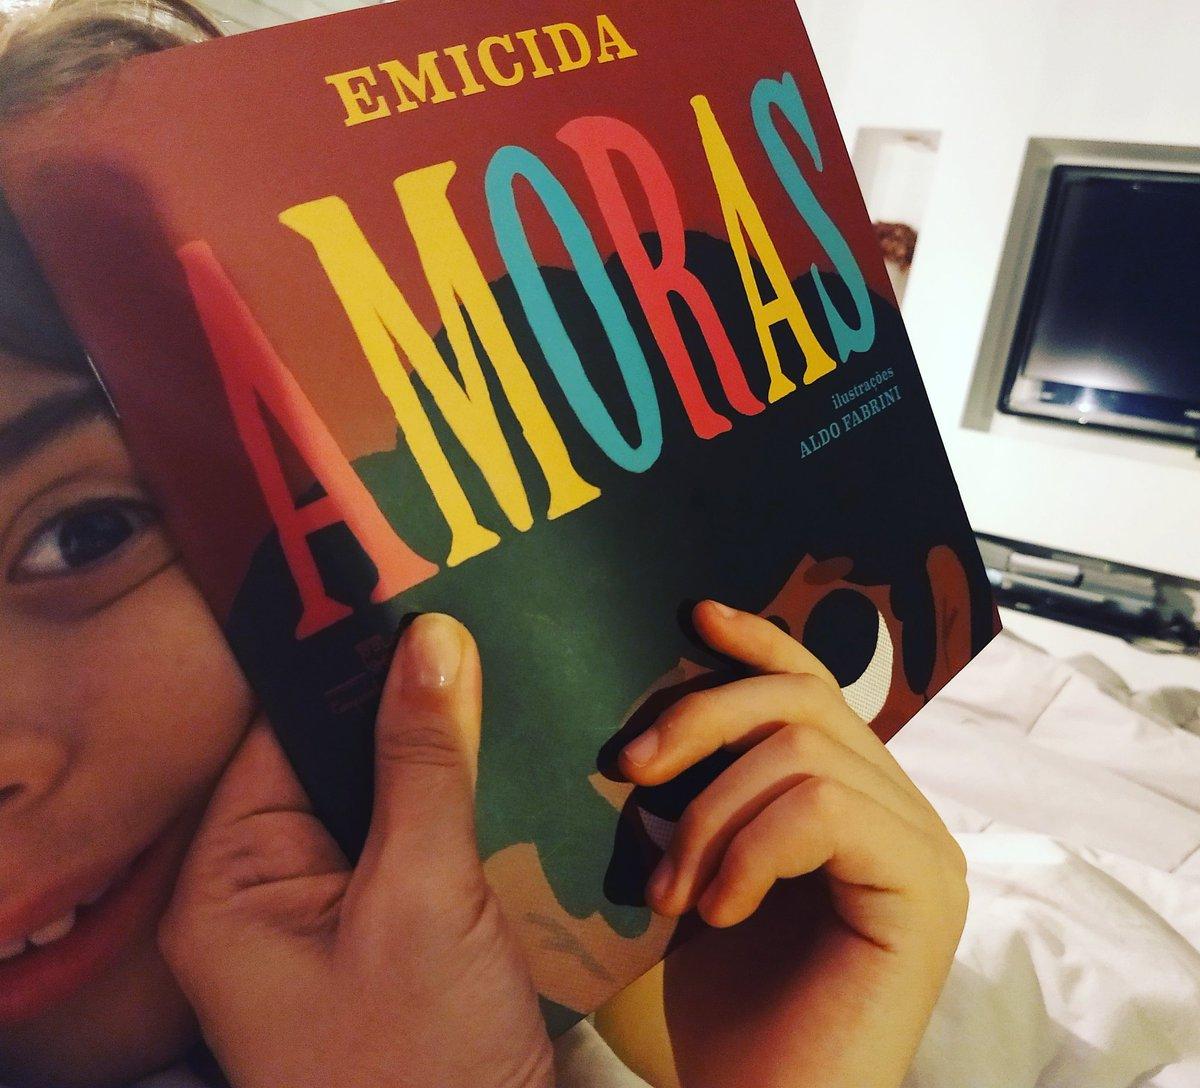 Nossa leitura de hoje foi essa lindeza de 'Amoras' do @emicida (Companhia das Letrinhas).